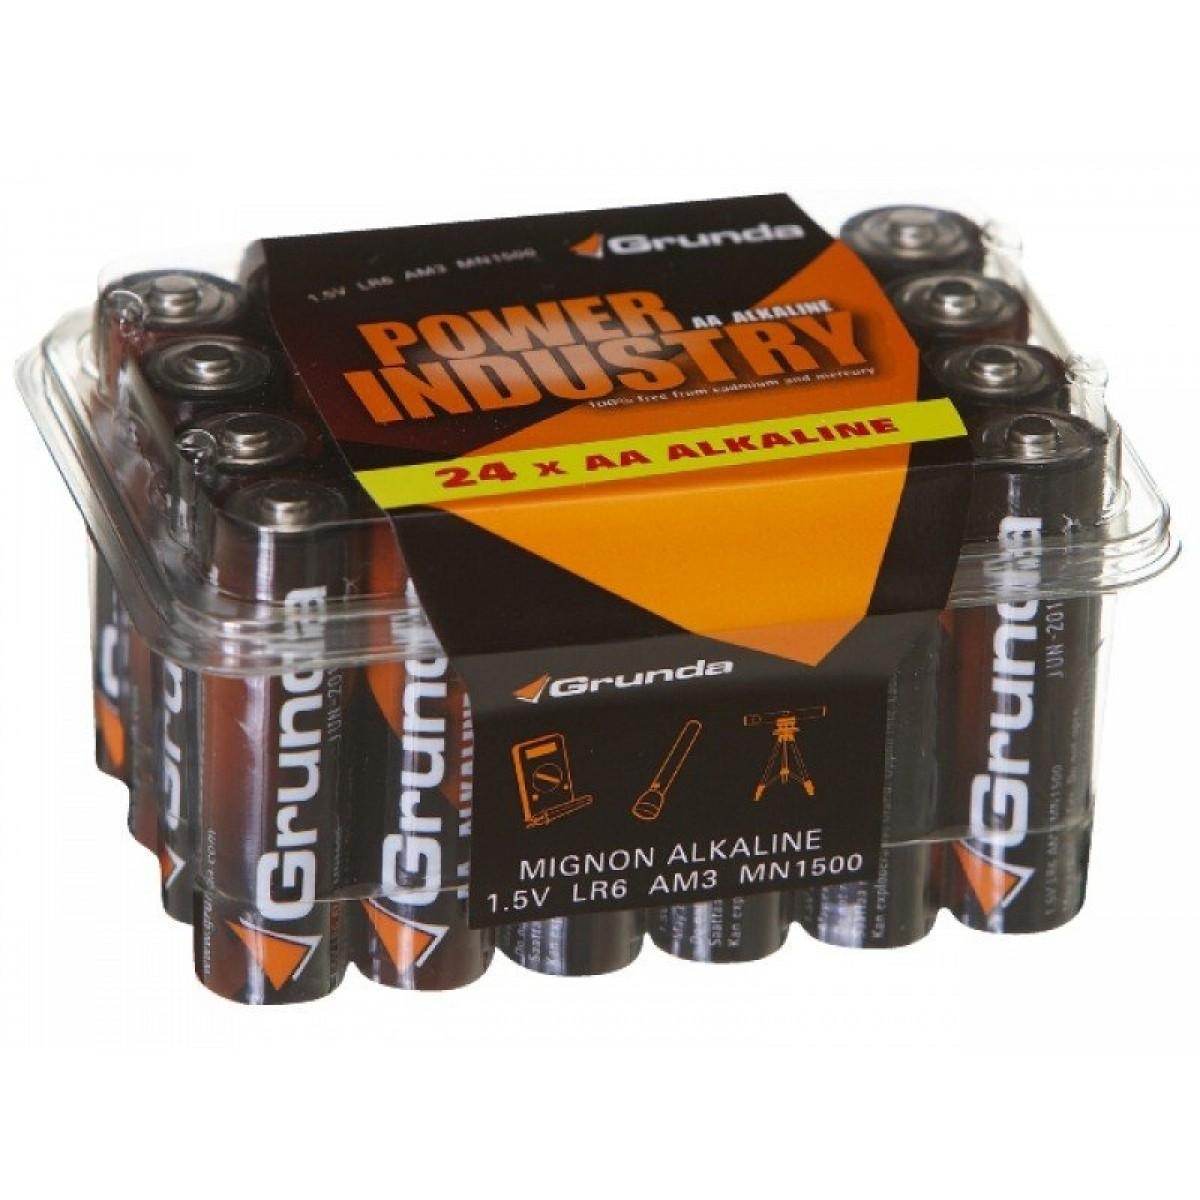 Grunda Power Batteri 24 stk Alkaline AA-31